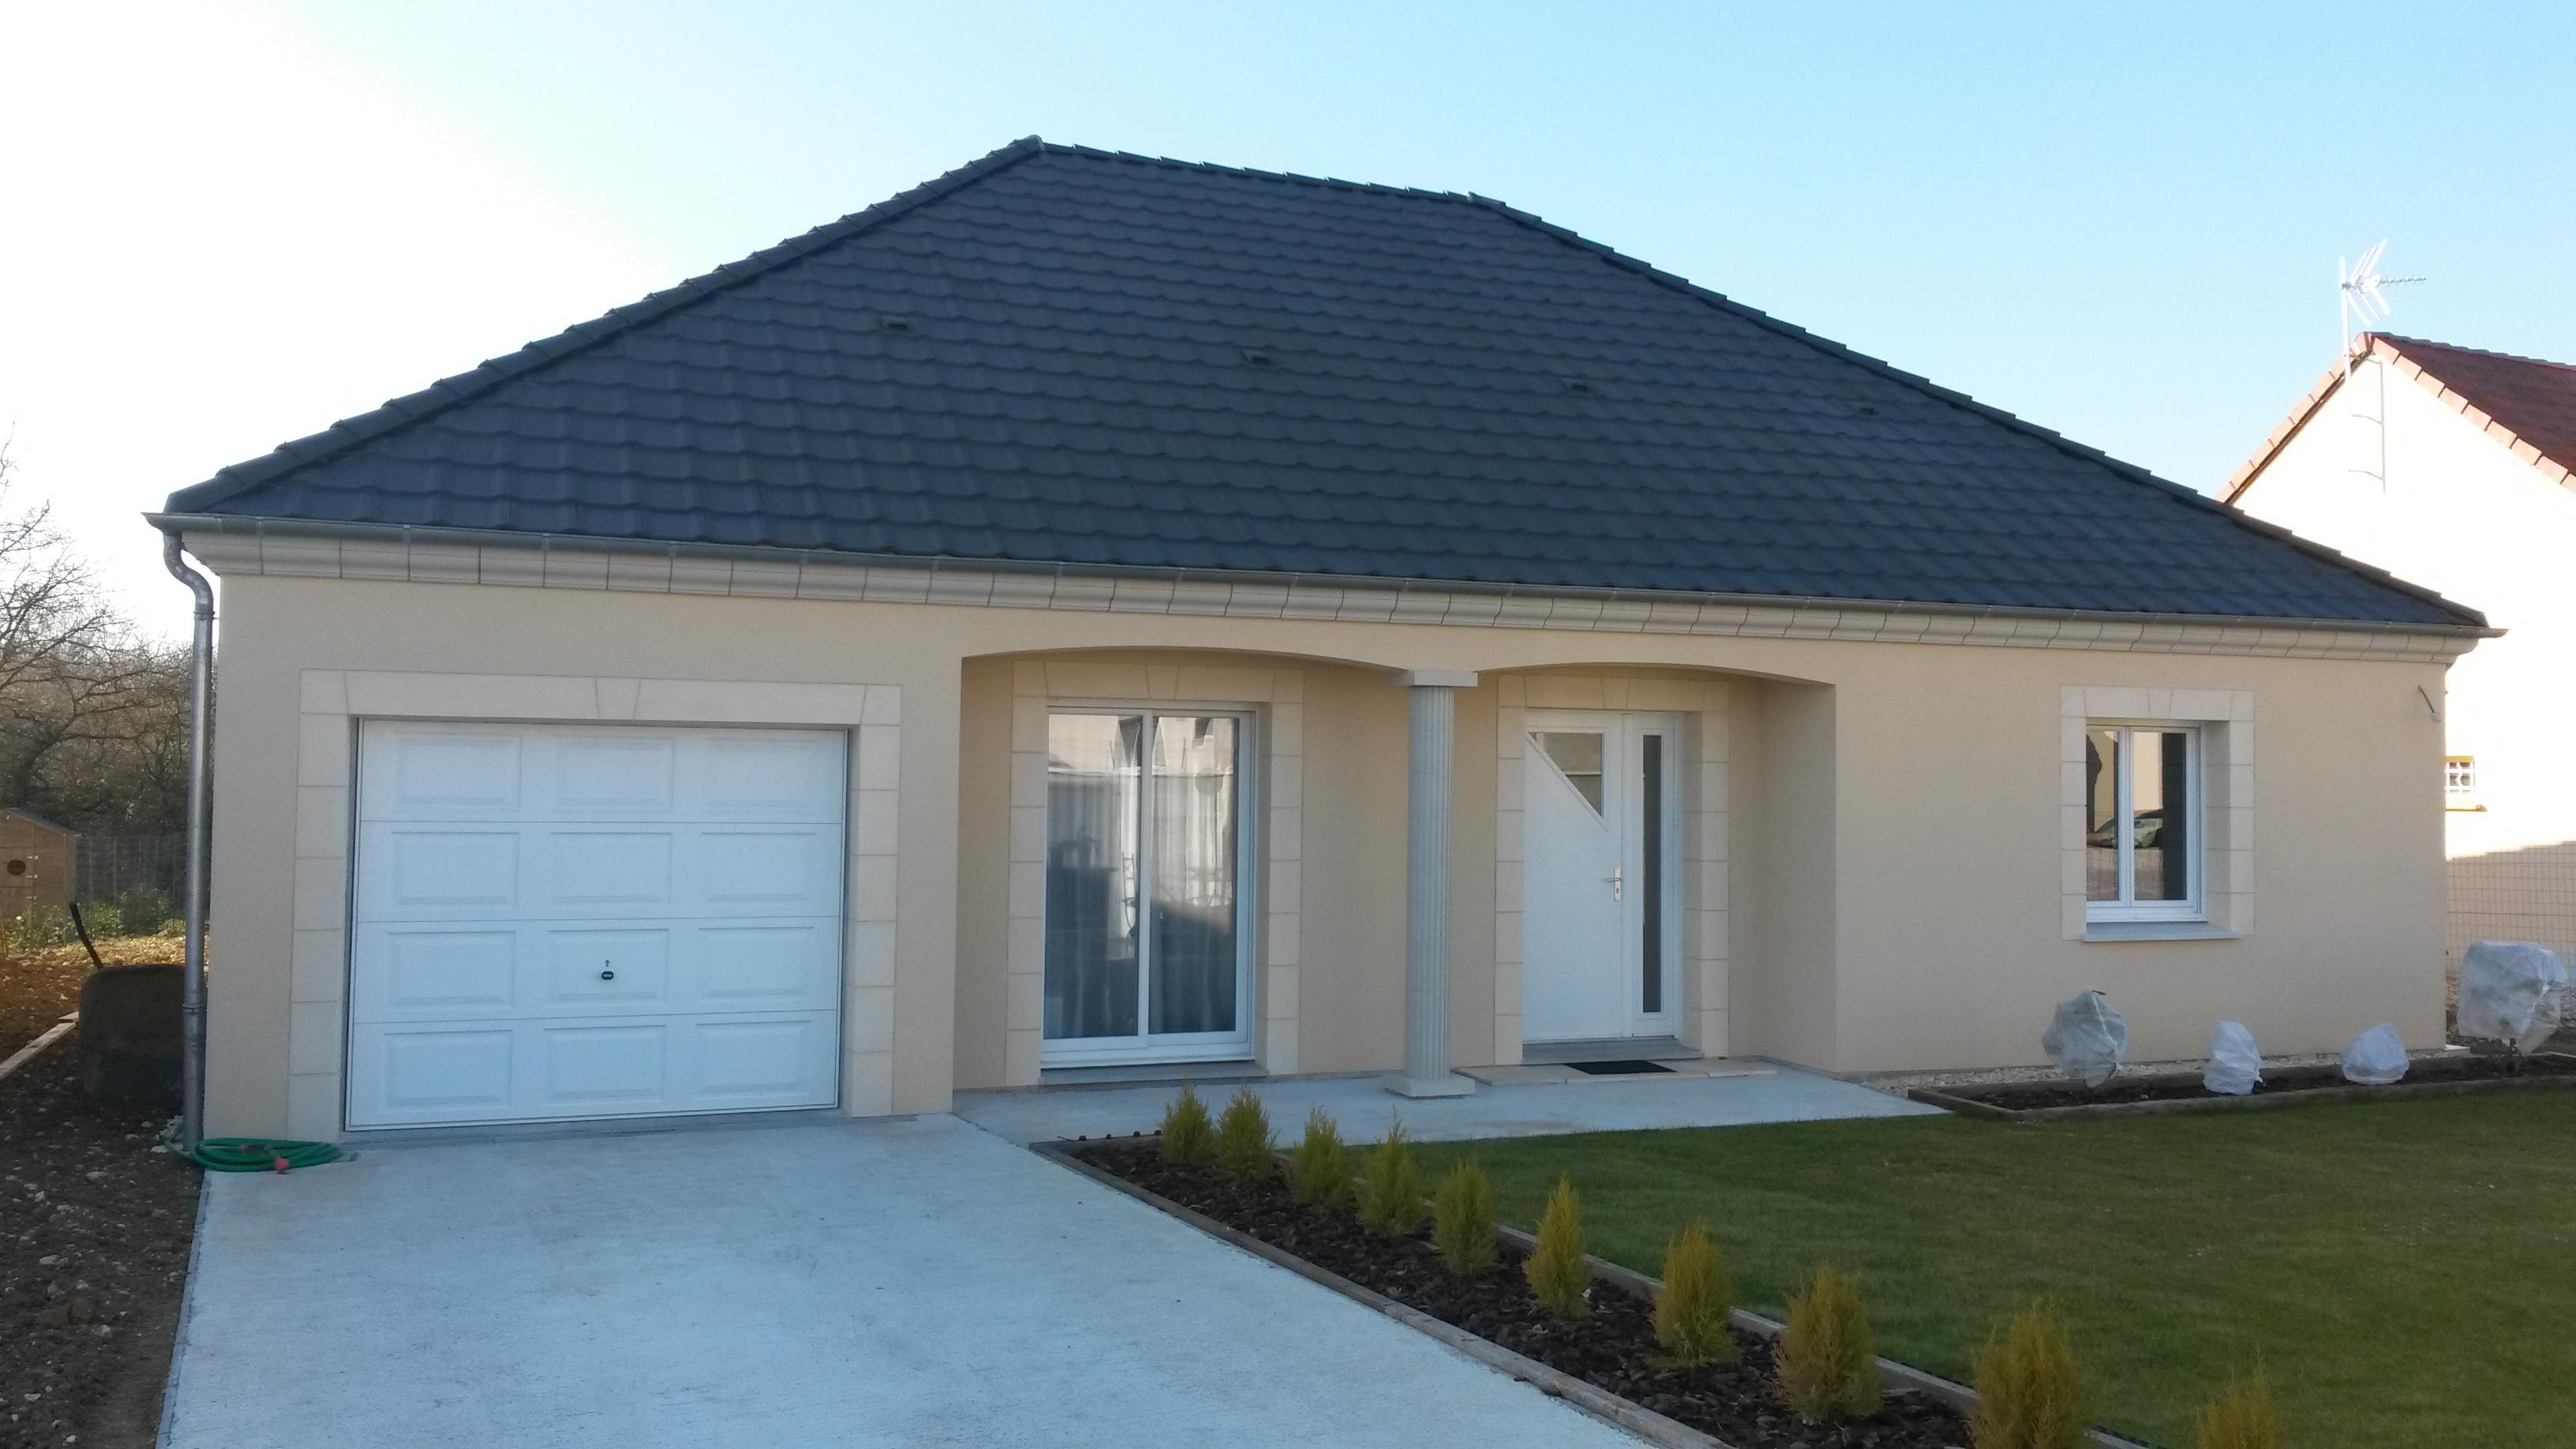 Terrains du constructeur MAISONS SERCPI • 972 m² • SAINT JUST